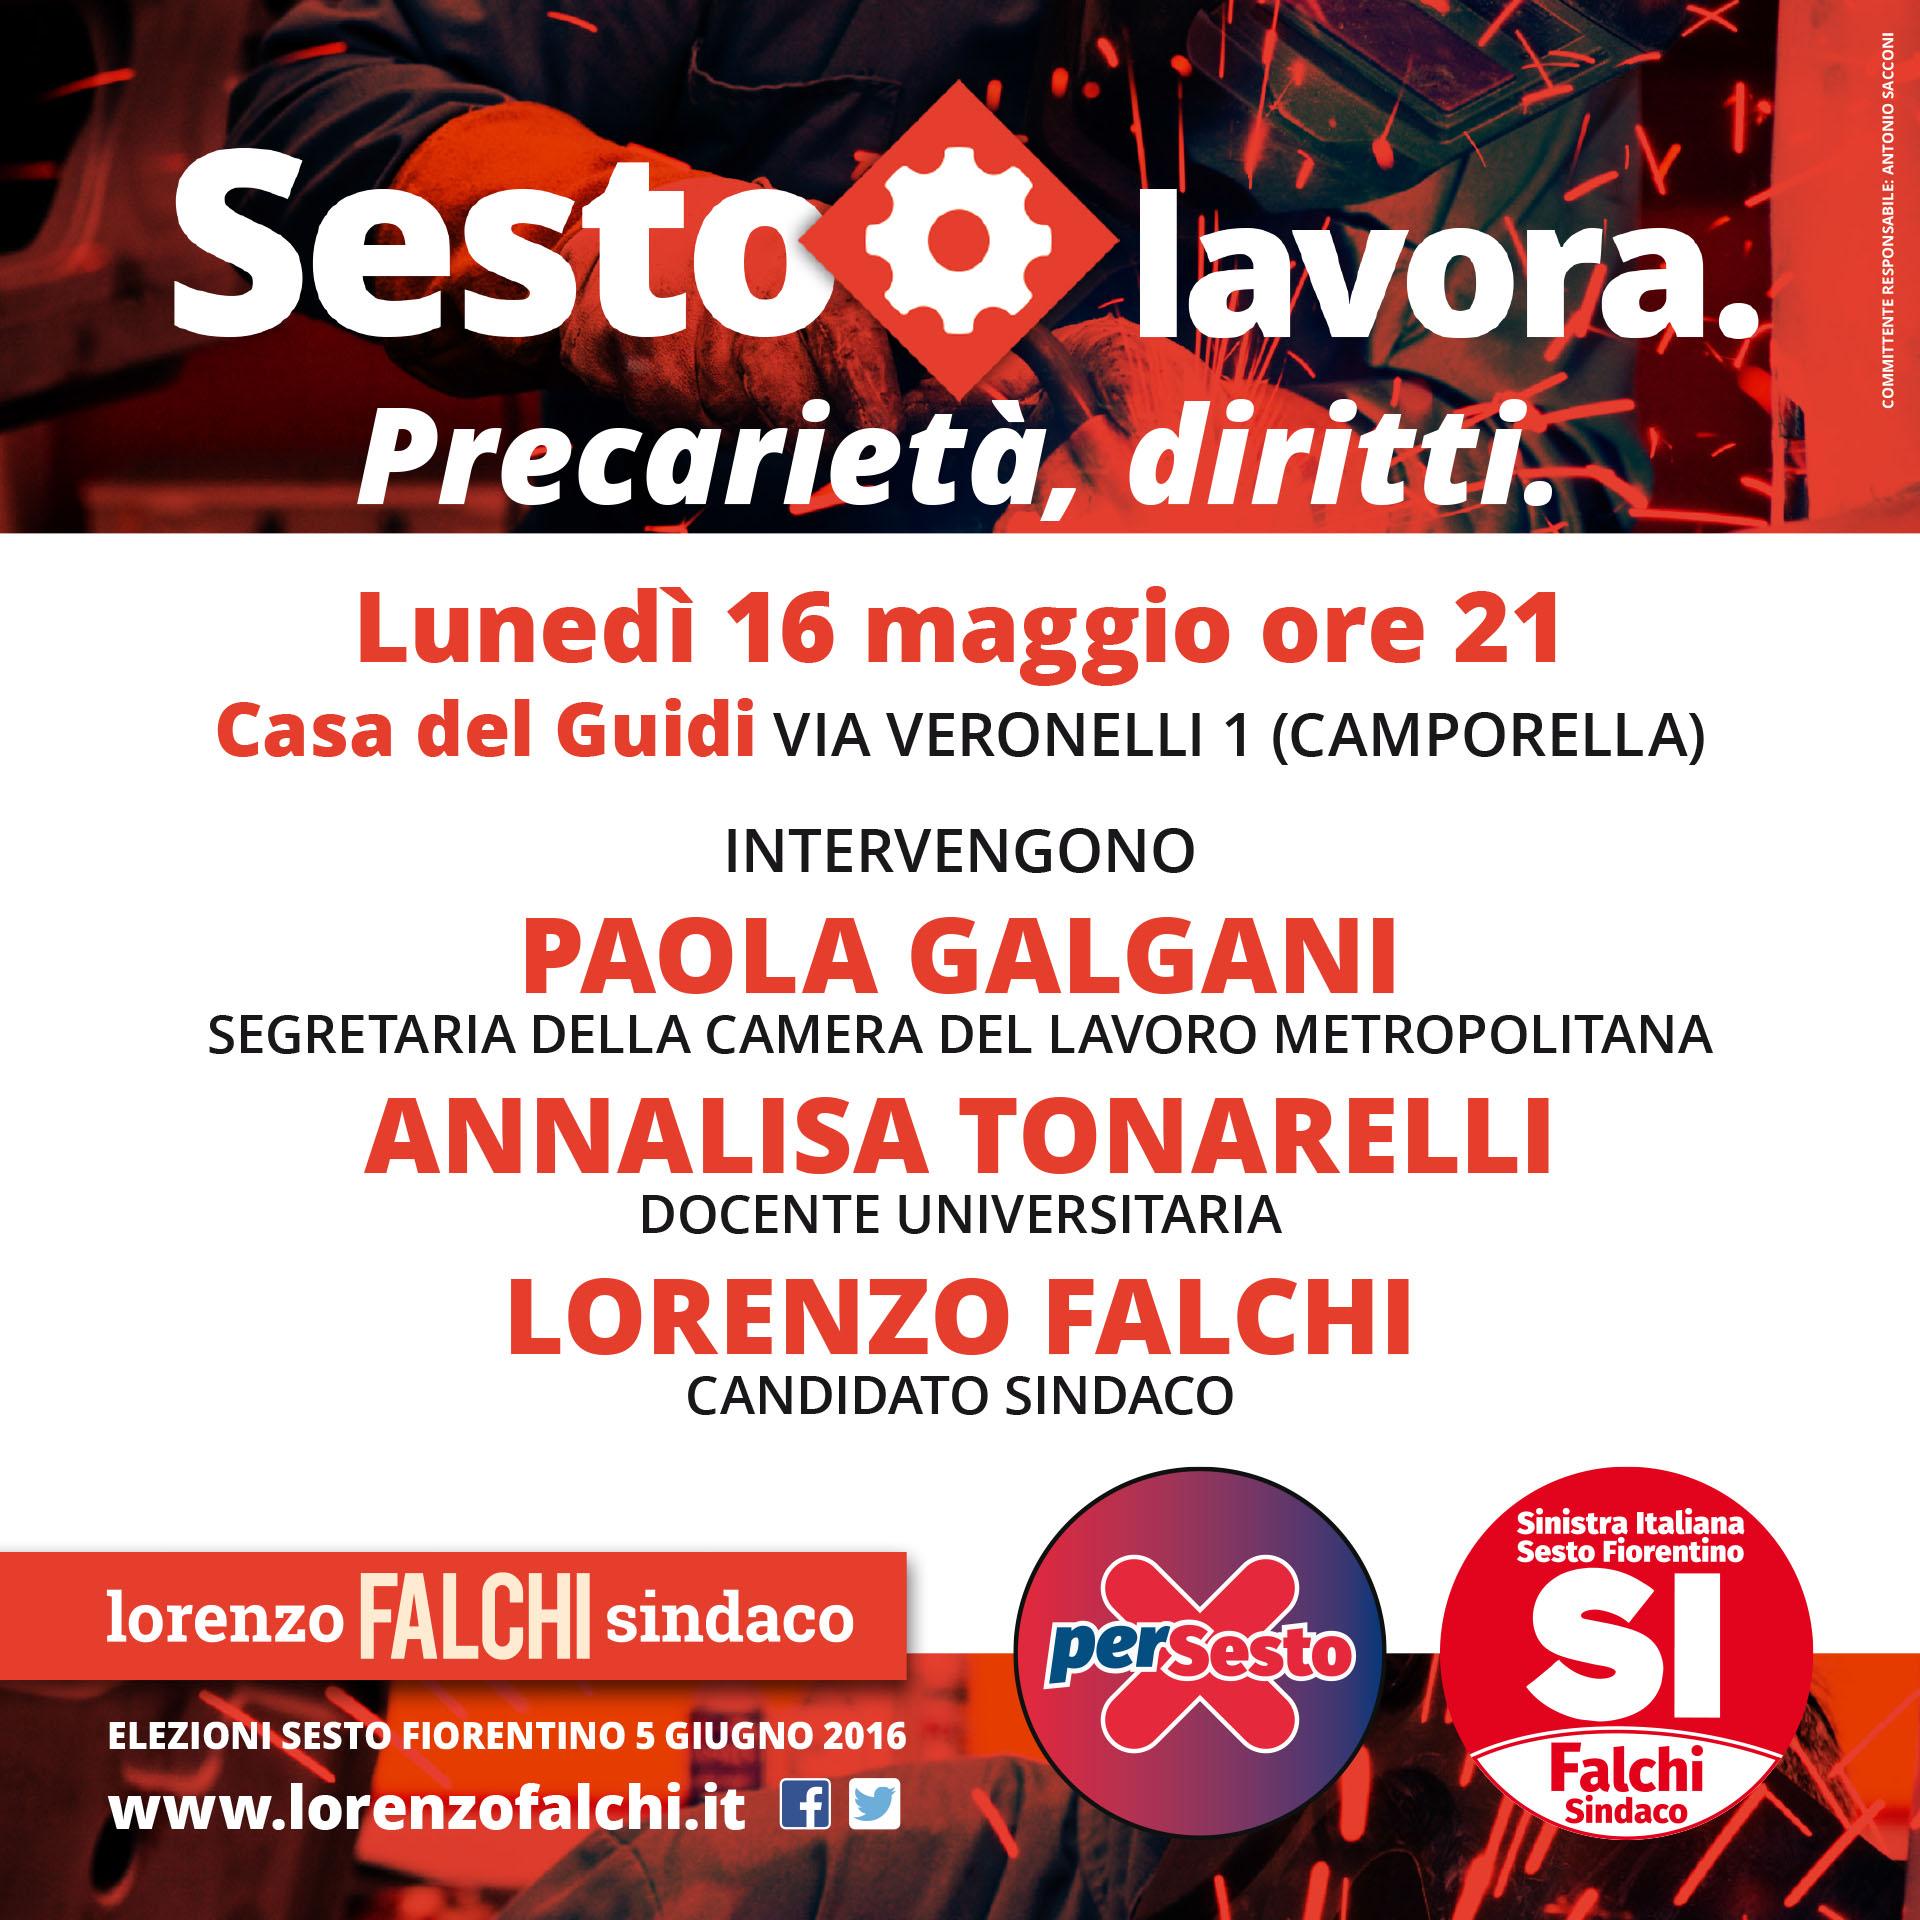 Lorenzo Falchi | Flyer lavoro